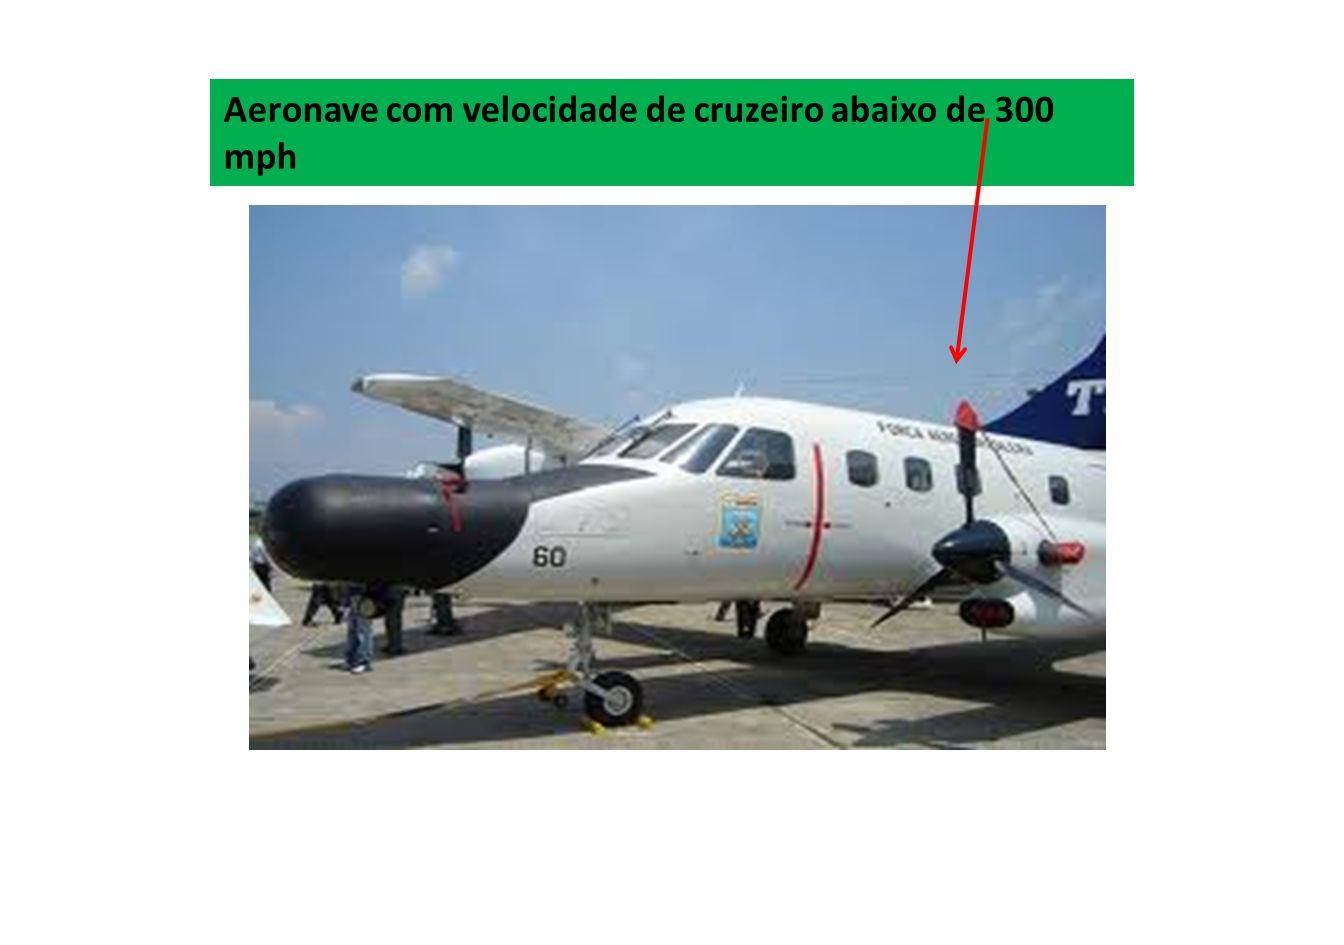 Aeronaves com velocidade mais elevada possuem tubos (probes) especialmente projetados